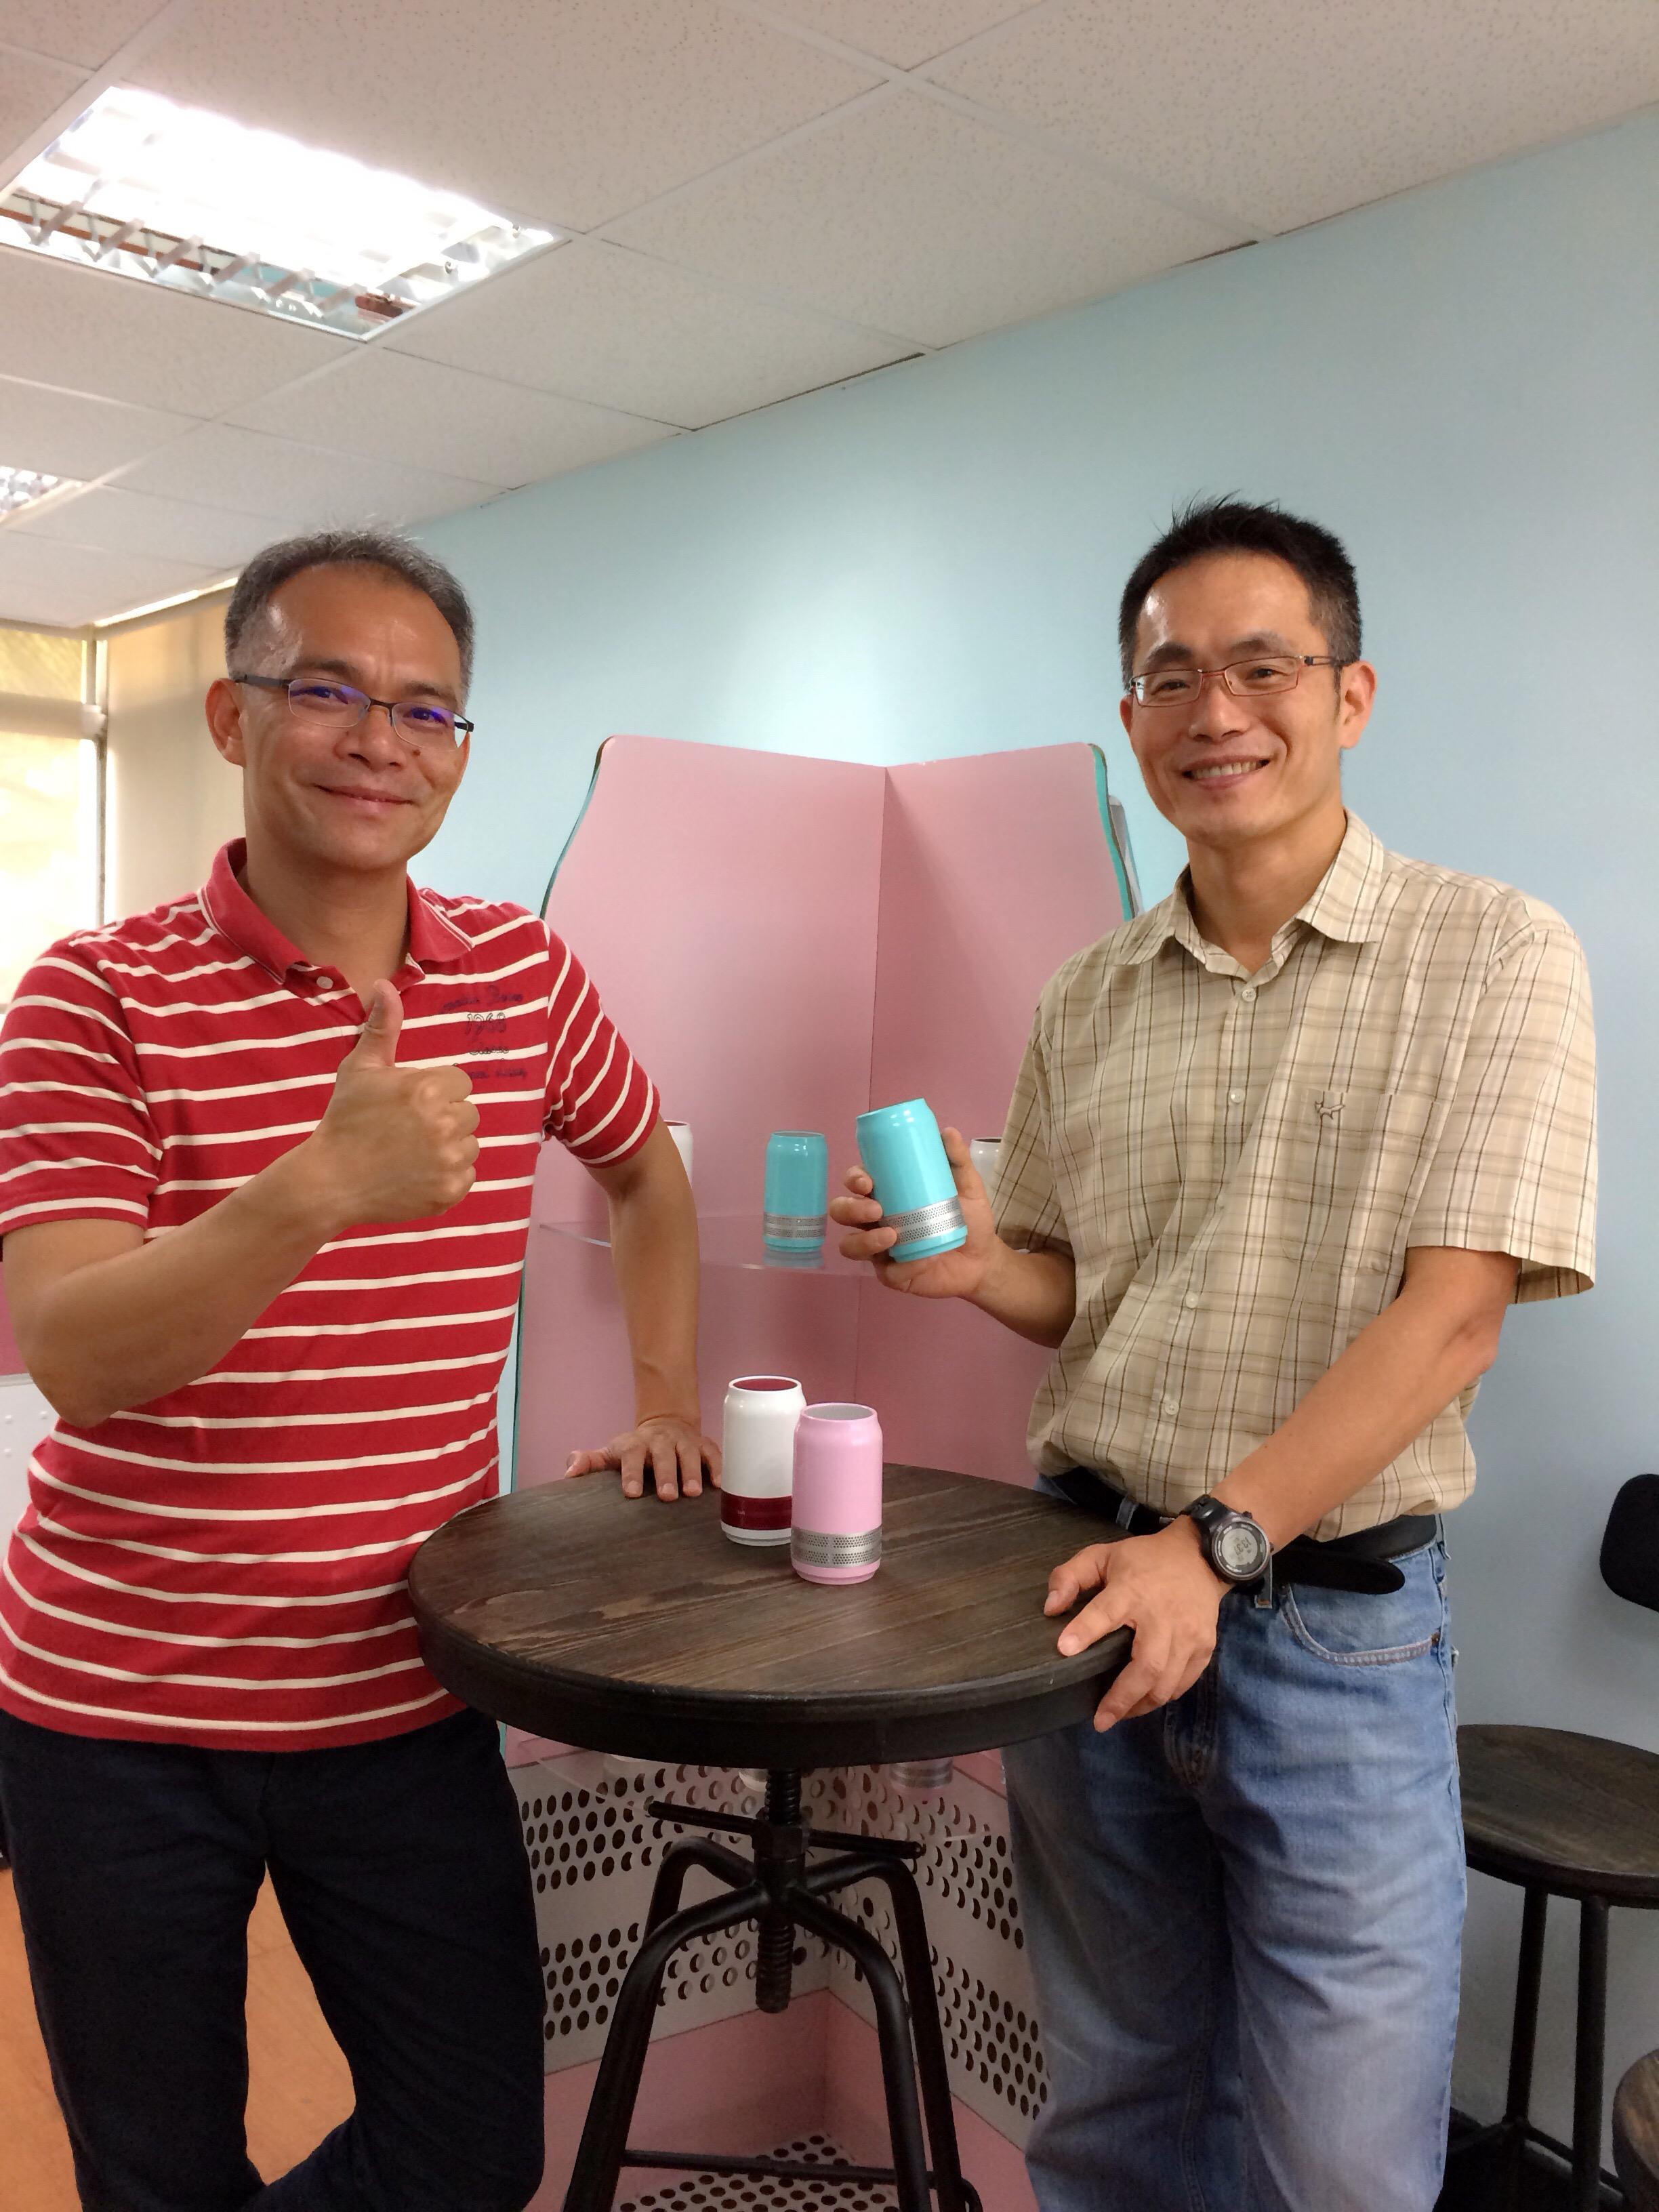 「互動創新」創辦人張中星(左,化工84級)與錢文正(右)